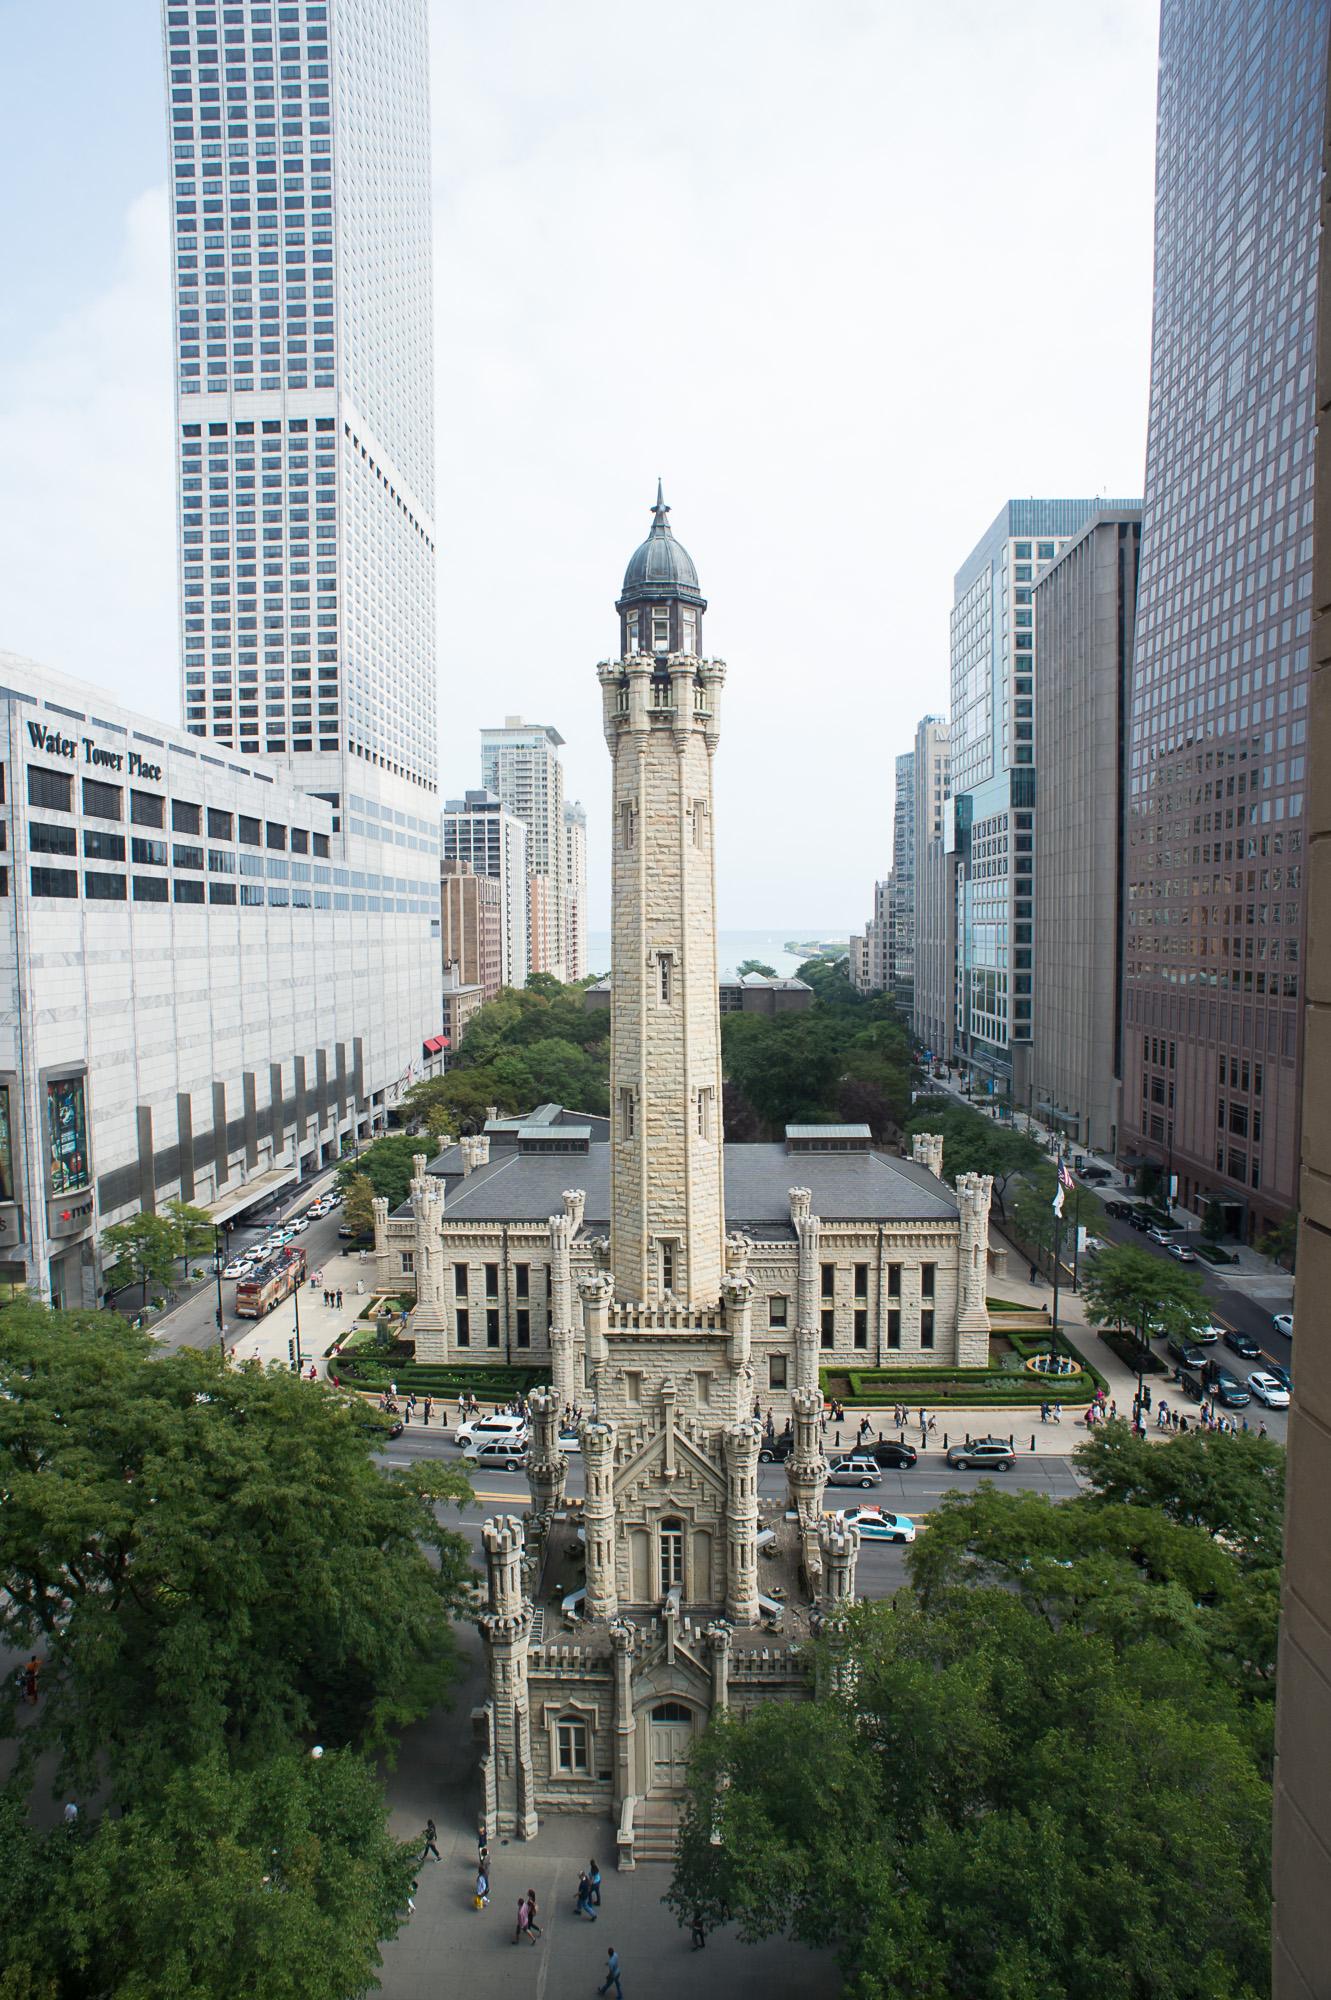 park-hyatt-chicago-wedding-water-tower-wedding-8898